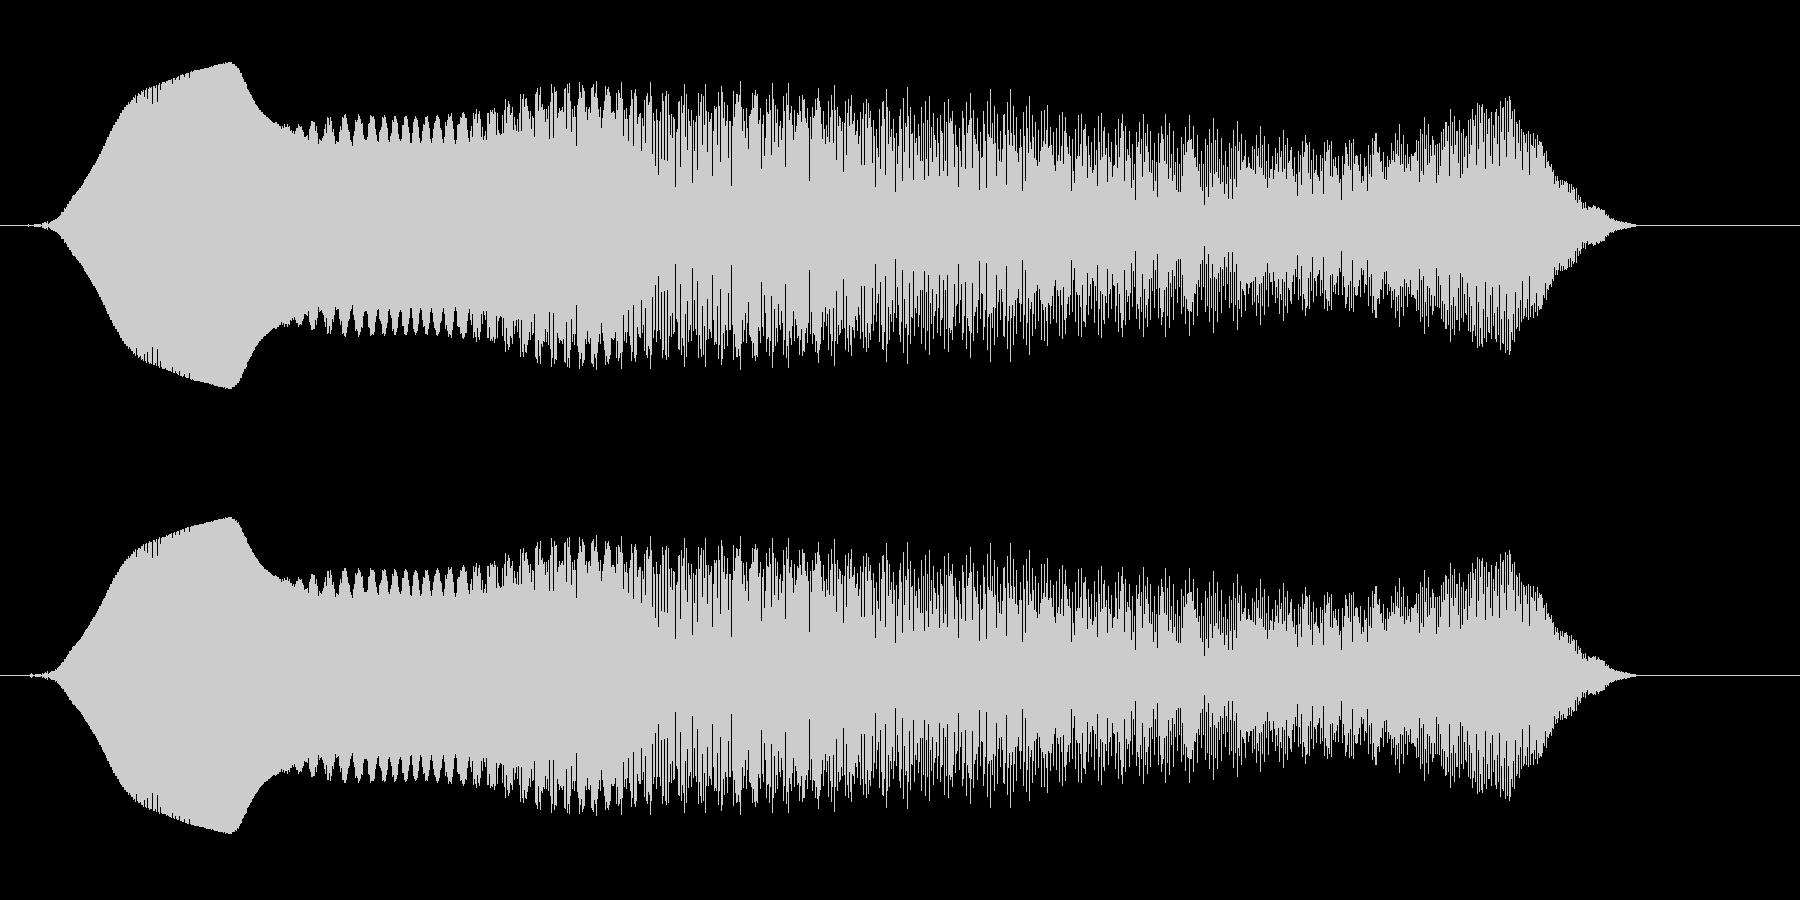 キュワワーン(ダメージを受ける)の未再生の波形